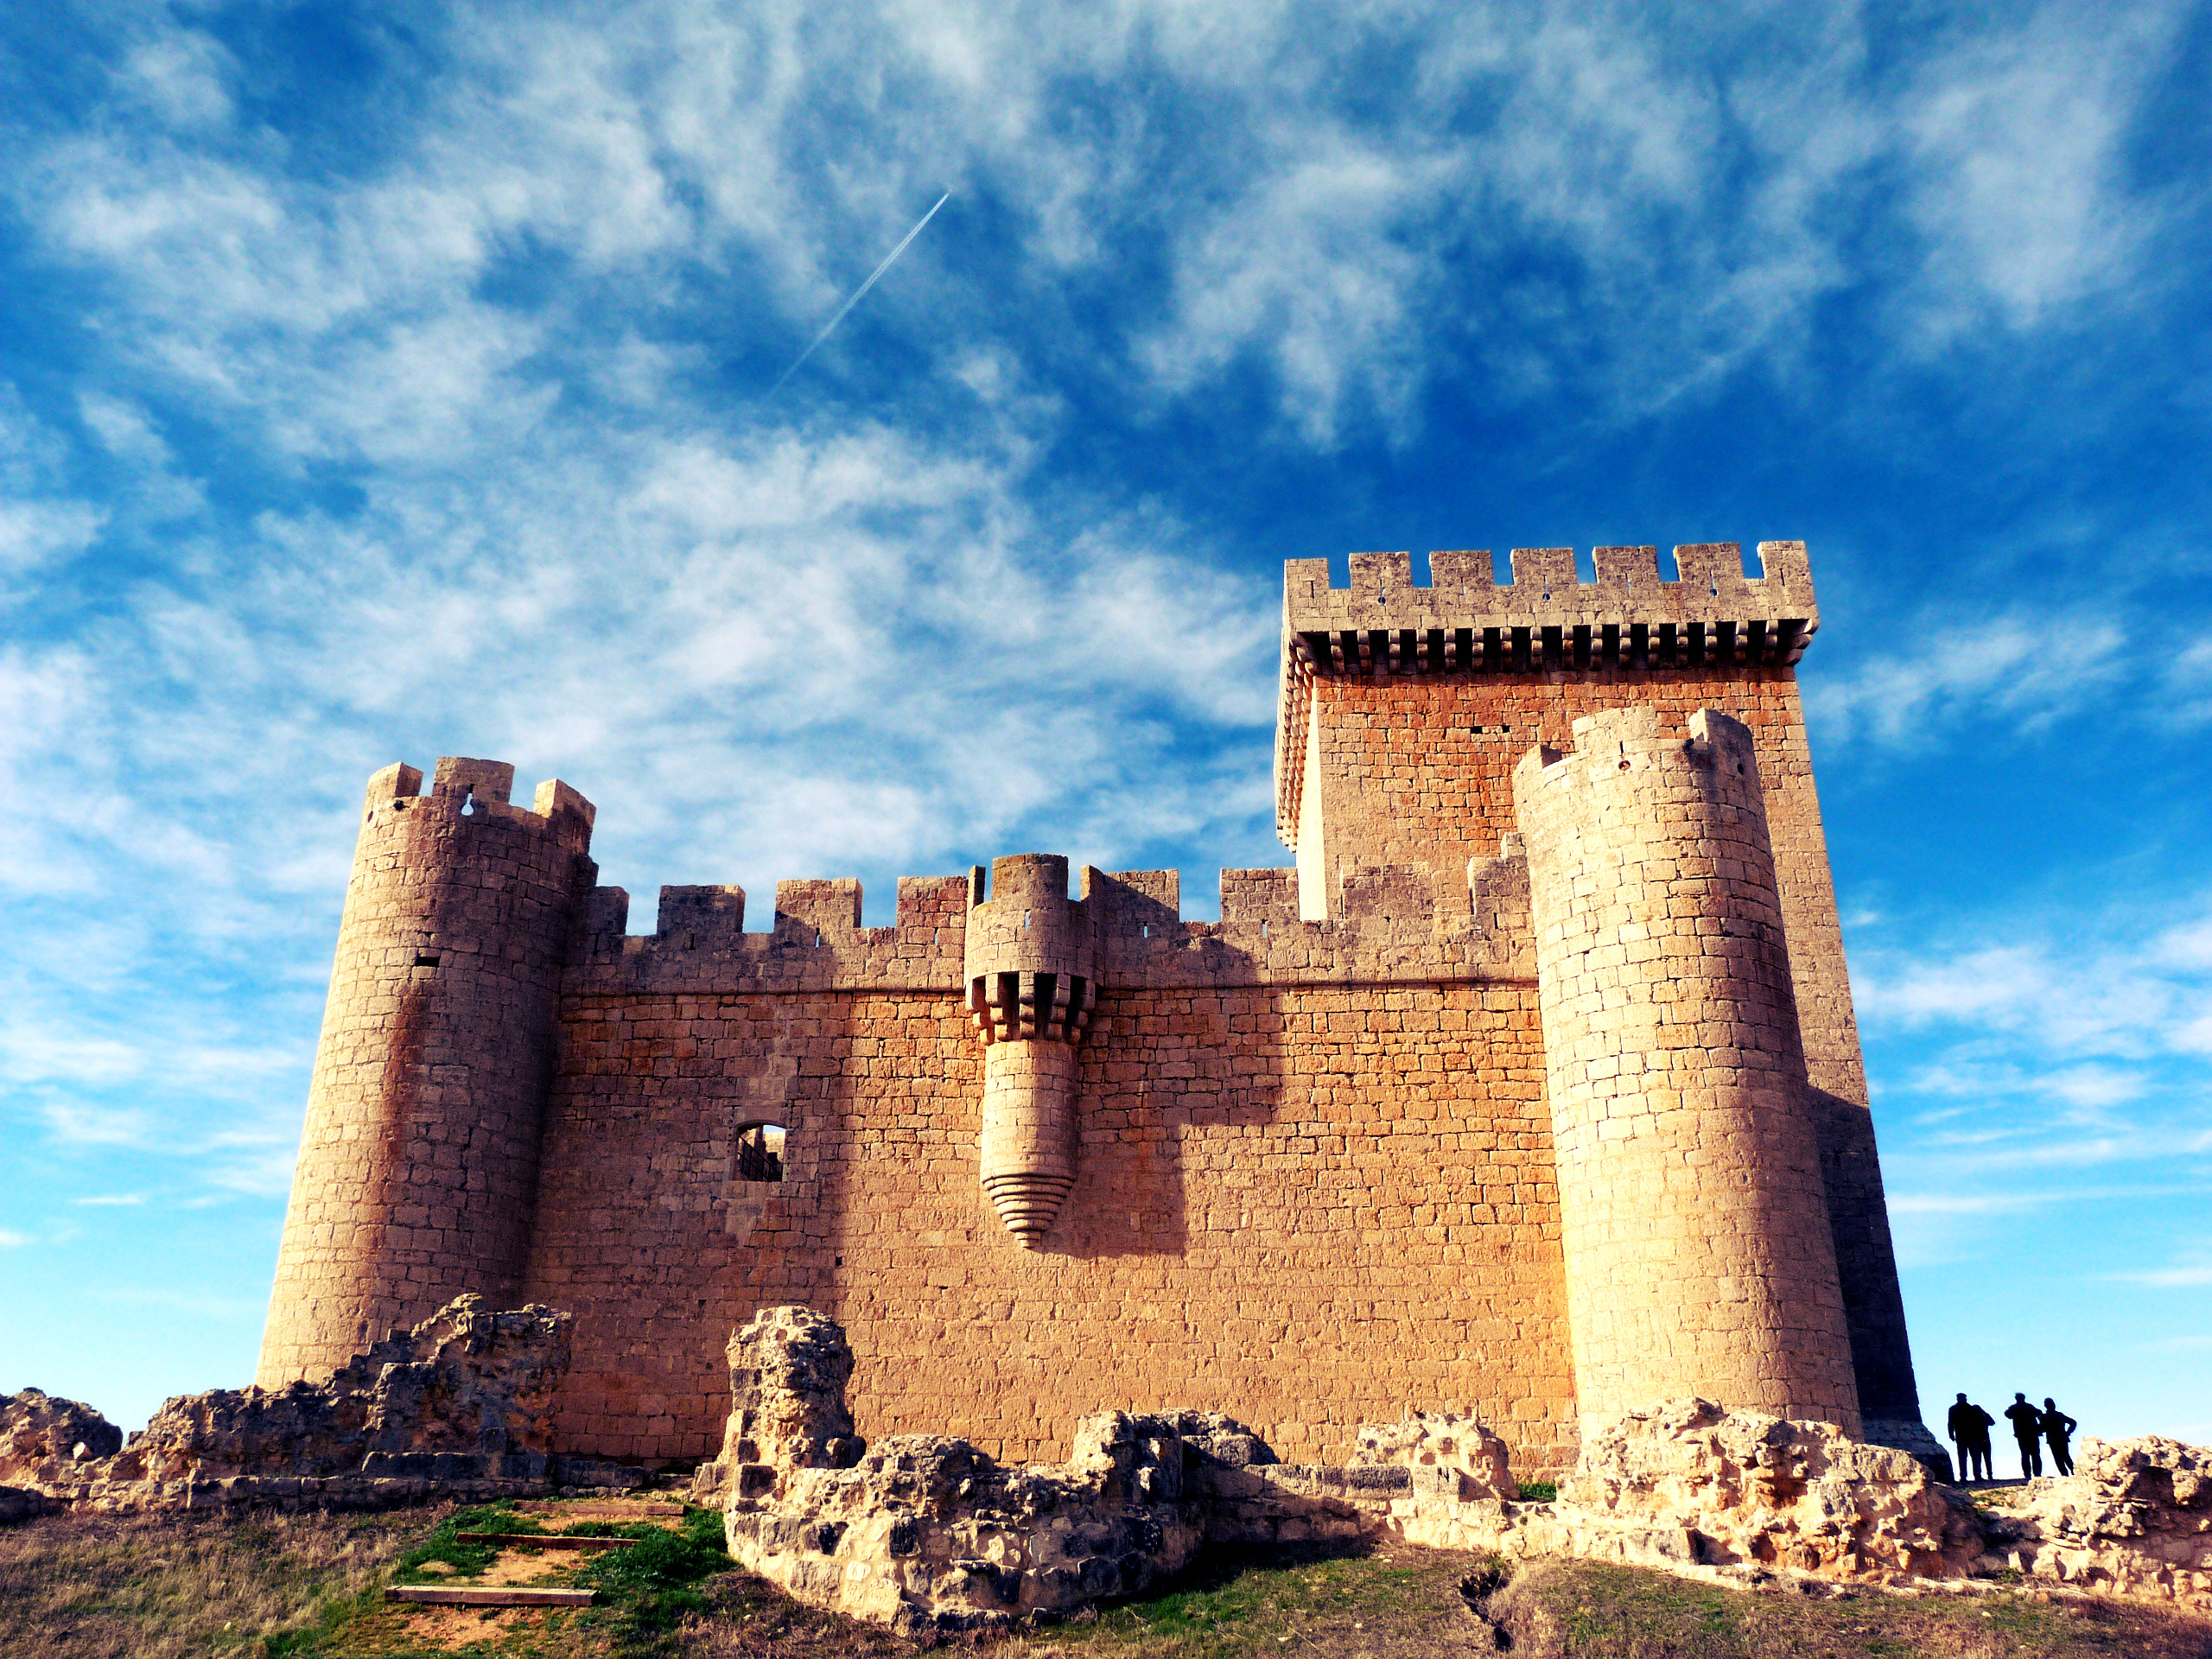 El Castillo de Villalonso (Zamora).